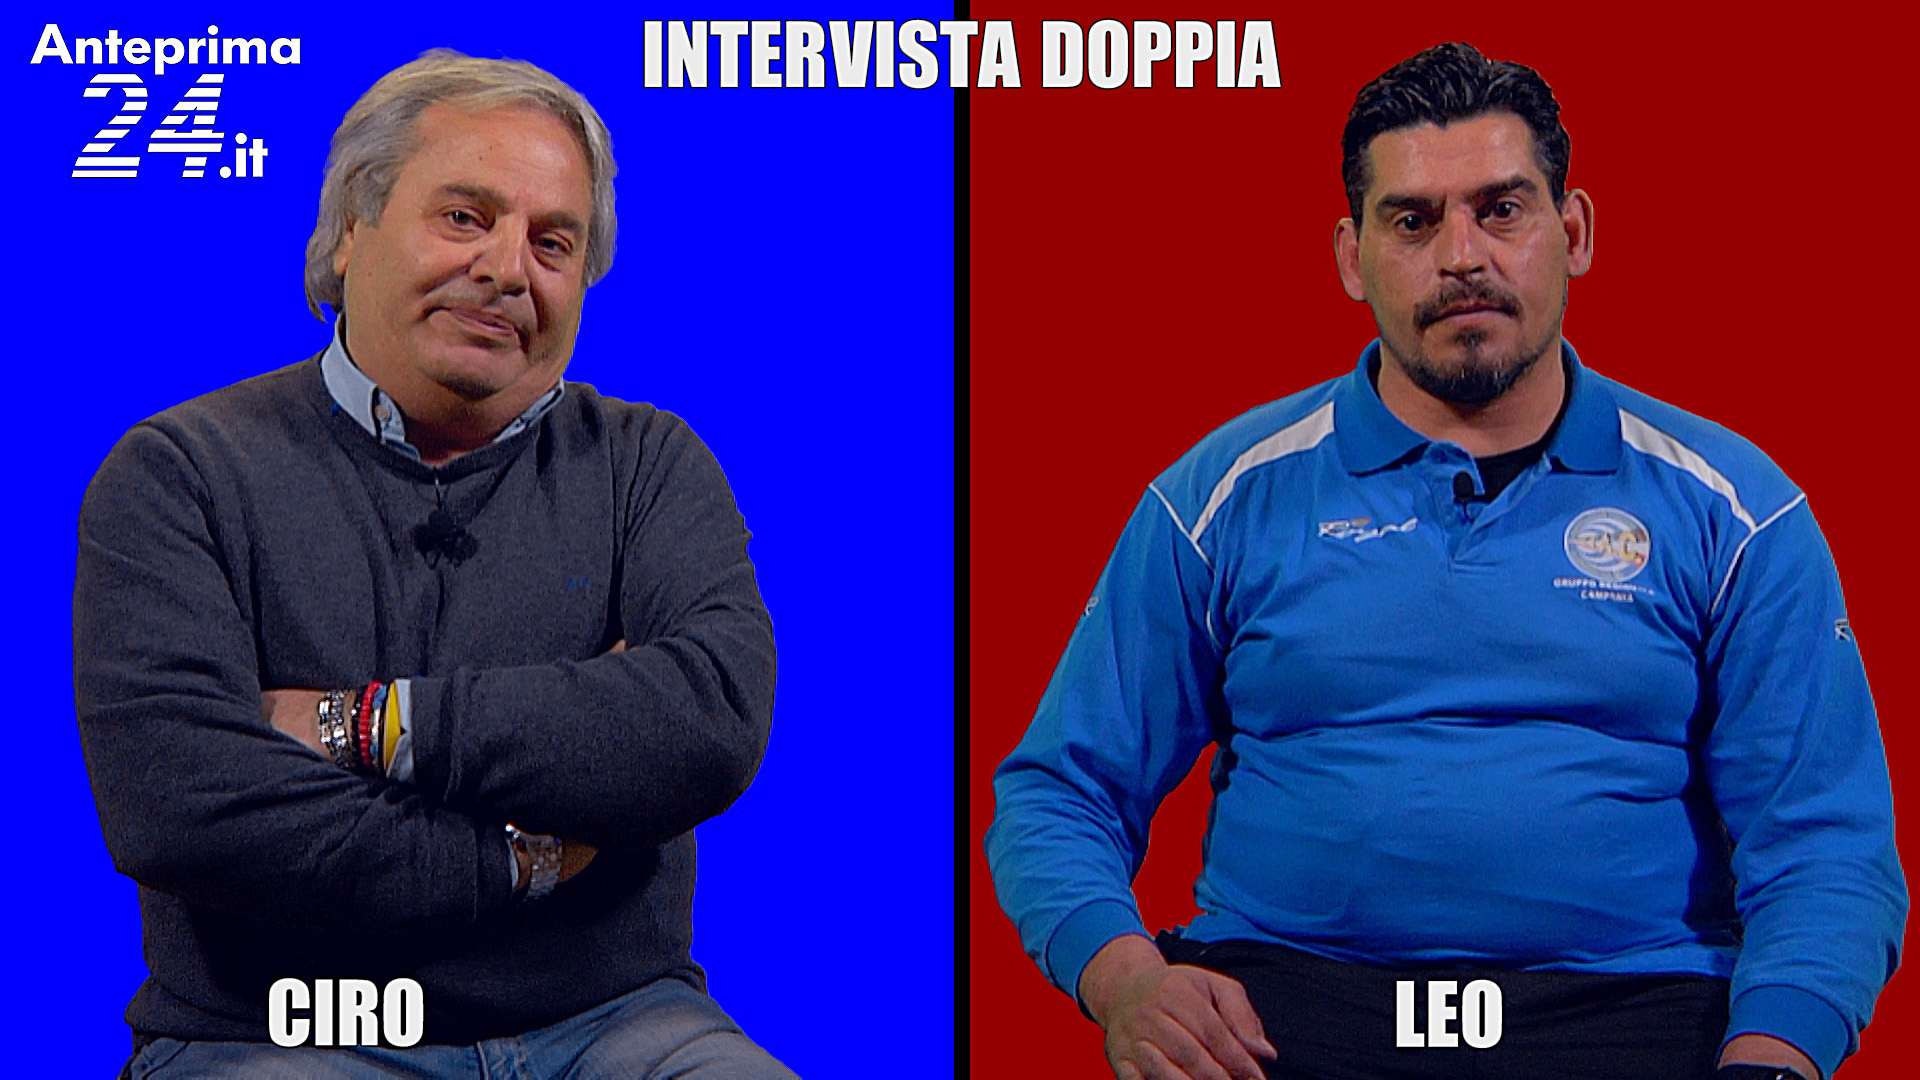 San Giorgio – Juve Circello, l'intervista doppia a Ciro Mauro e Leo Martone (VIDEO)